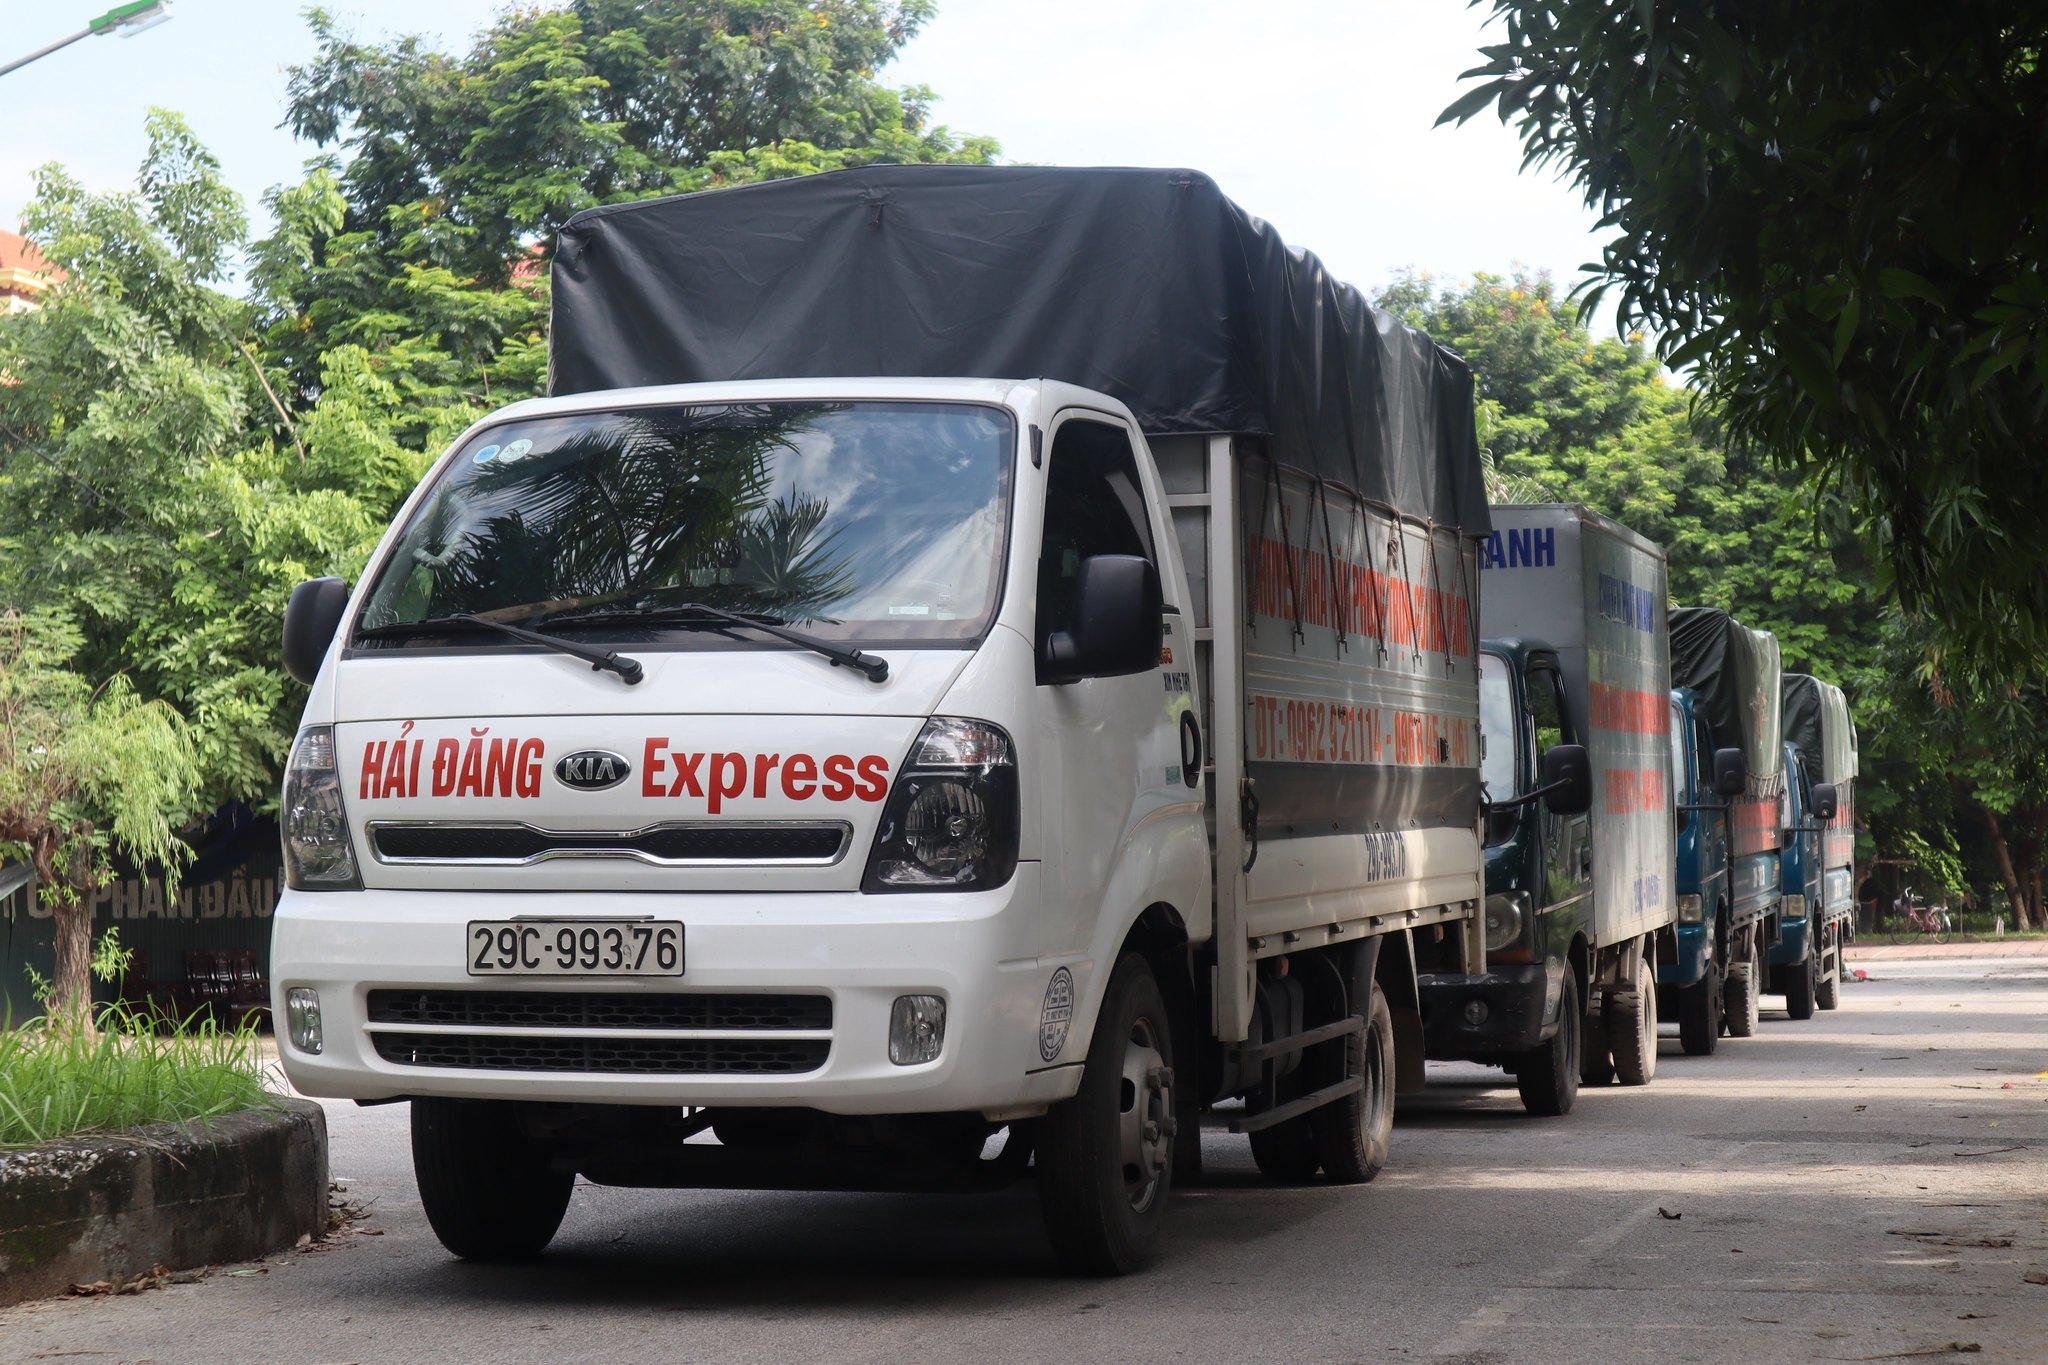 Dịch vụ cho thuê xe tải chở hàng Hải Đăng mang đến nhiều lợi ích hấp dẫn